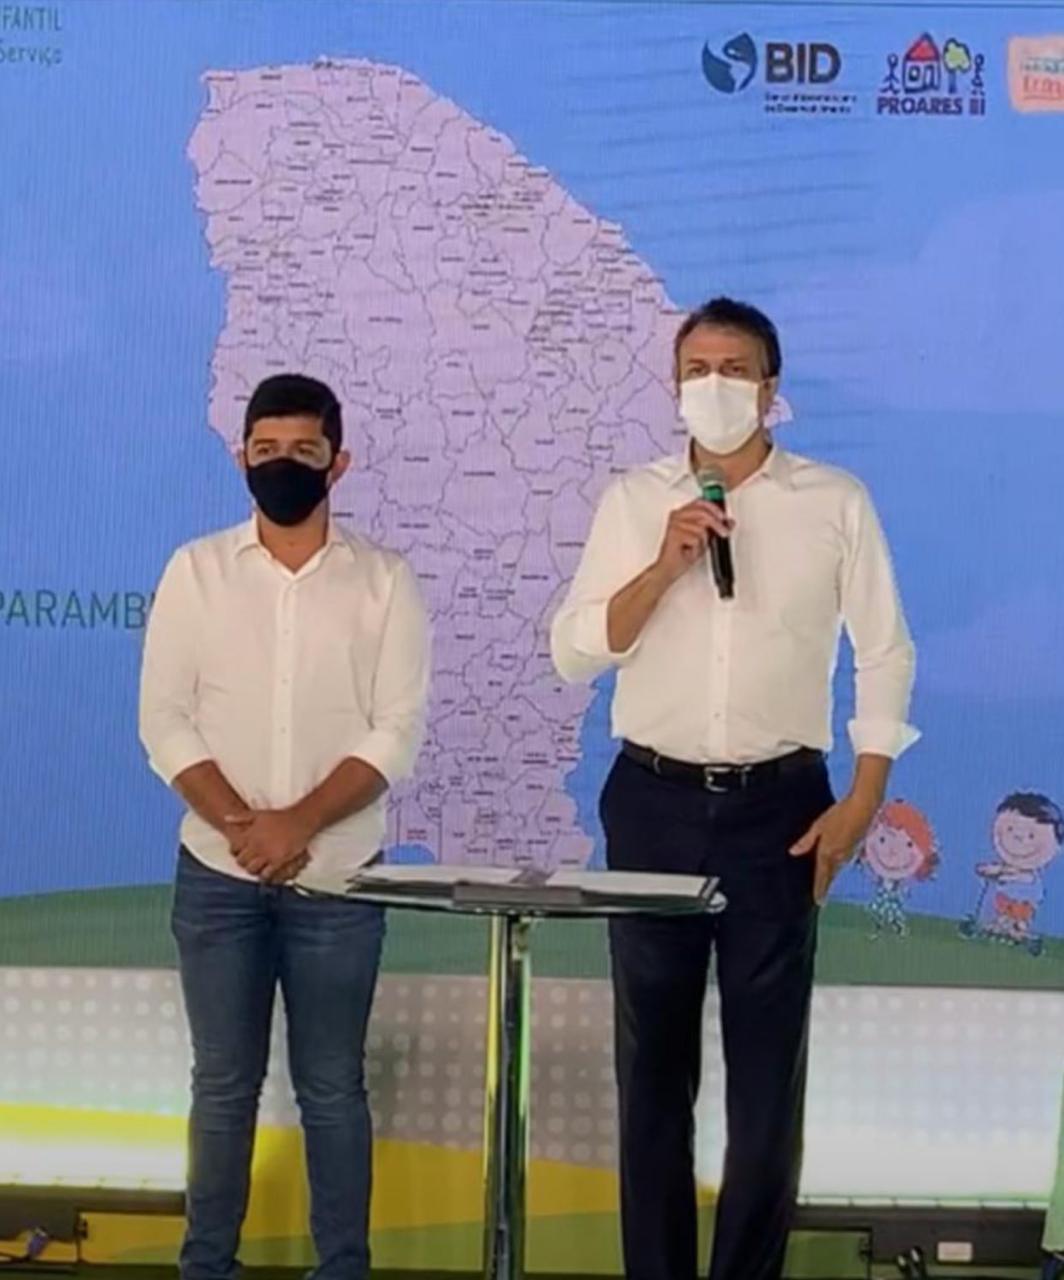 Parambu: prefeito Rômulo Noronha participa ao lado do Camilo na autorização da construção de Centros de Educação infantil